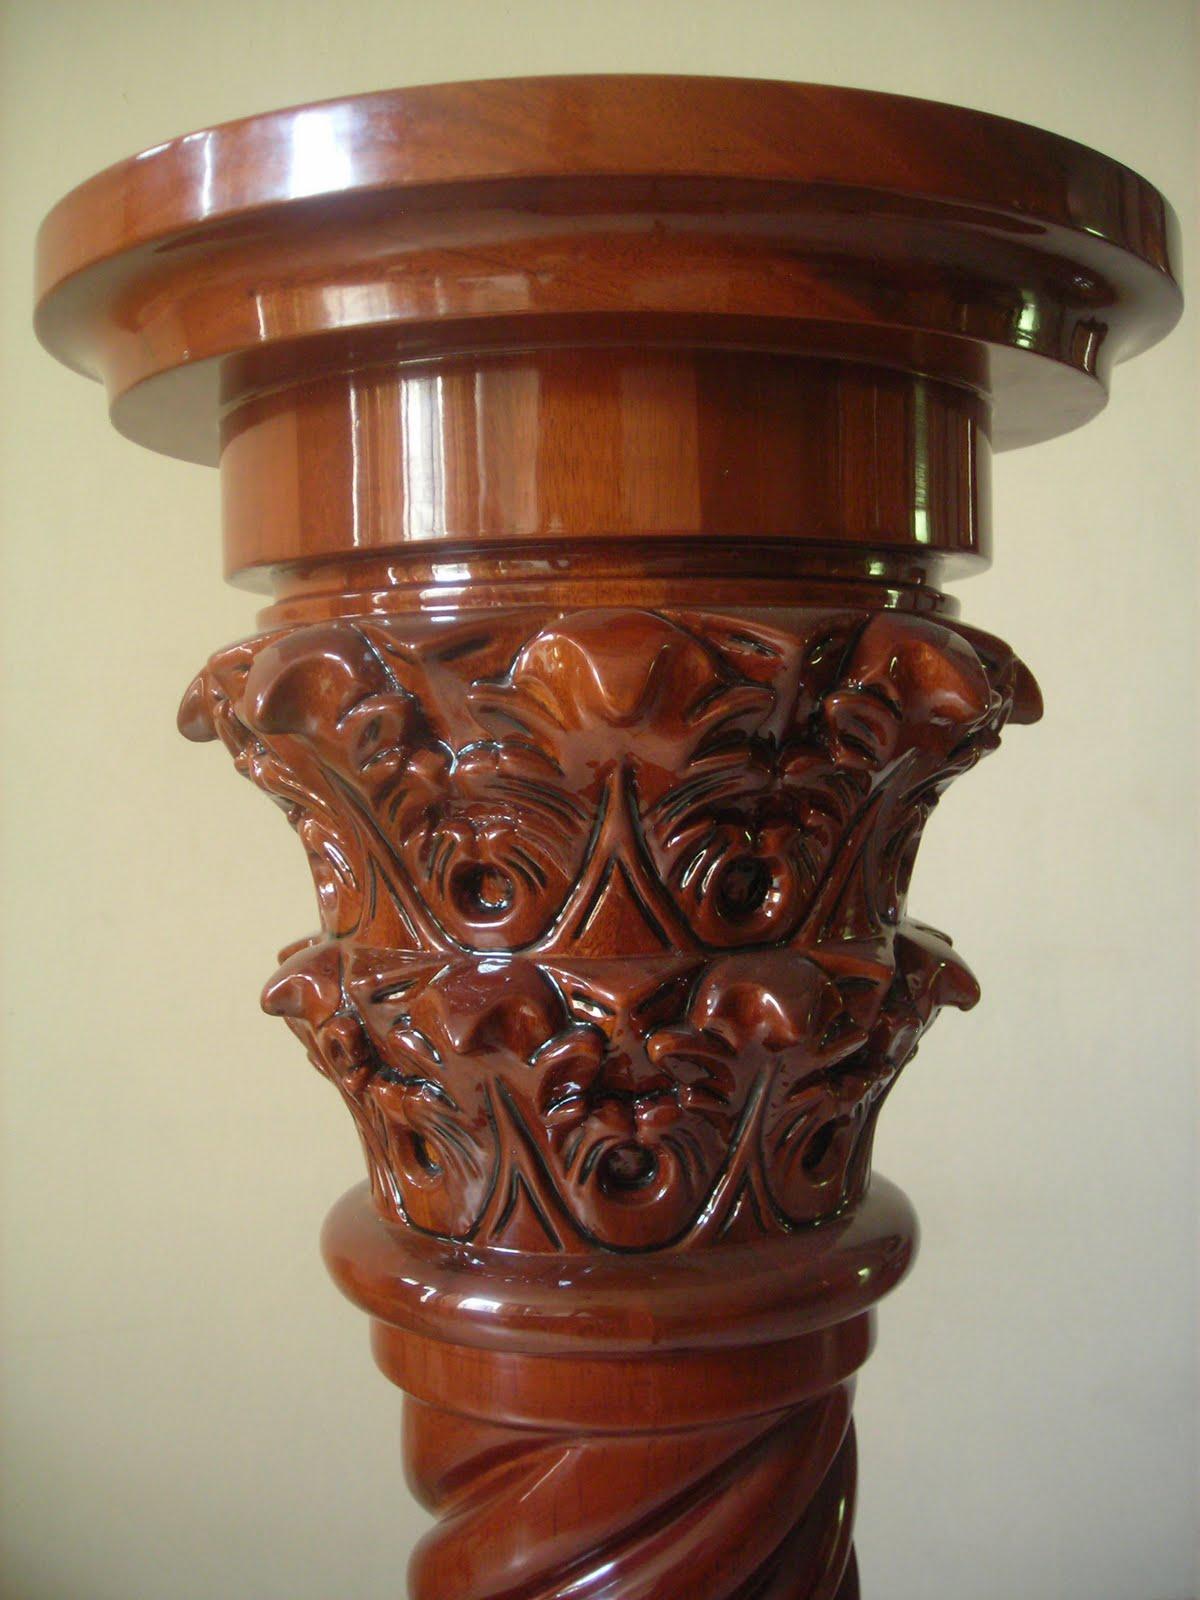 El arte hecho en madera muebles mas pedidos for Muebles tallados en madera